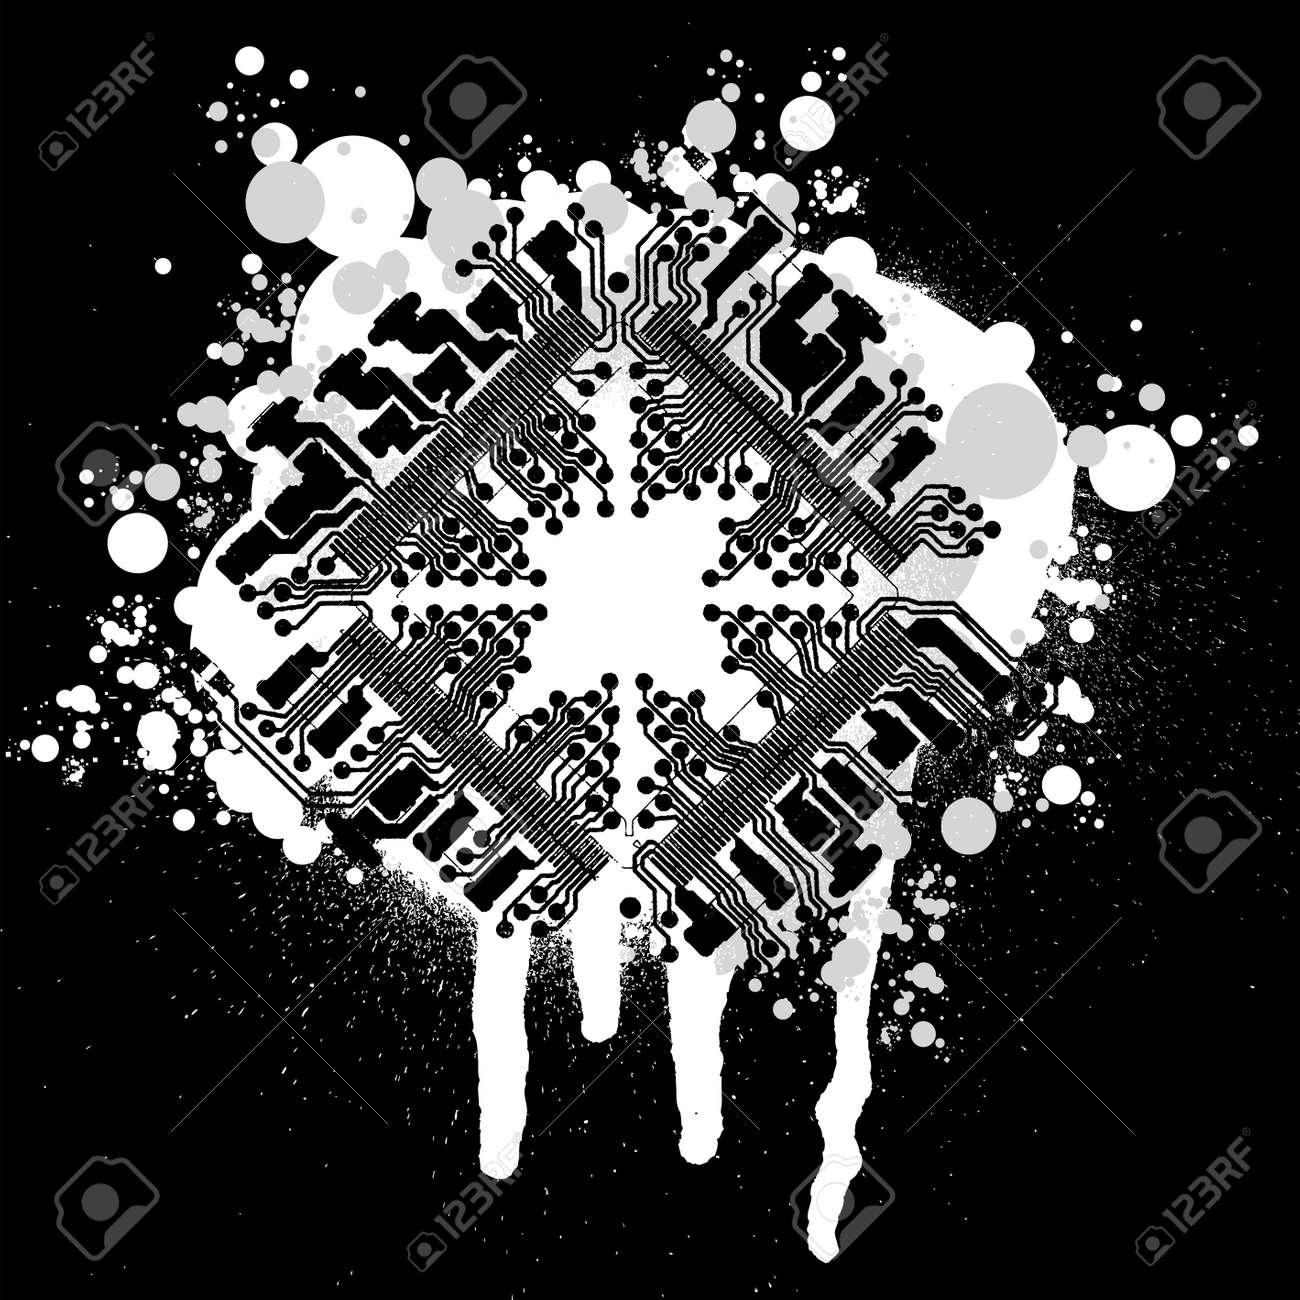 Black And White Circuit Board Graffiti Stock Vector - 2240490